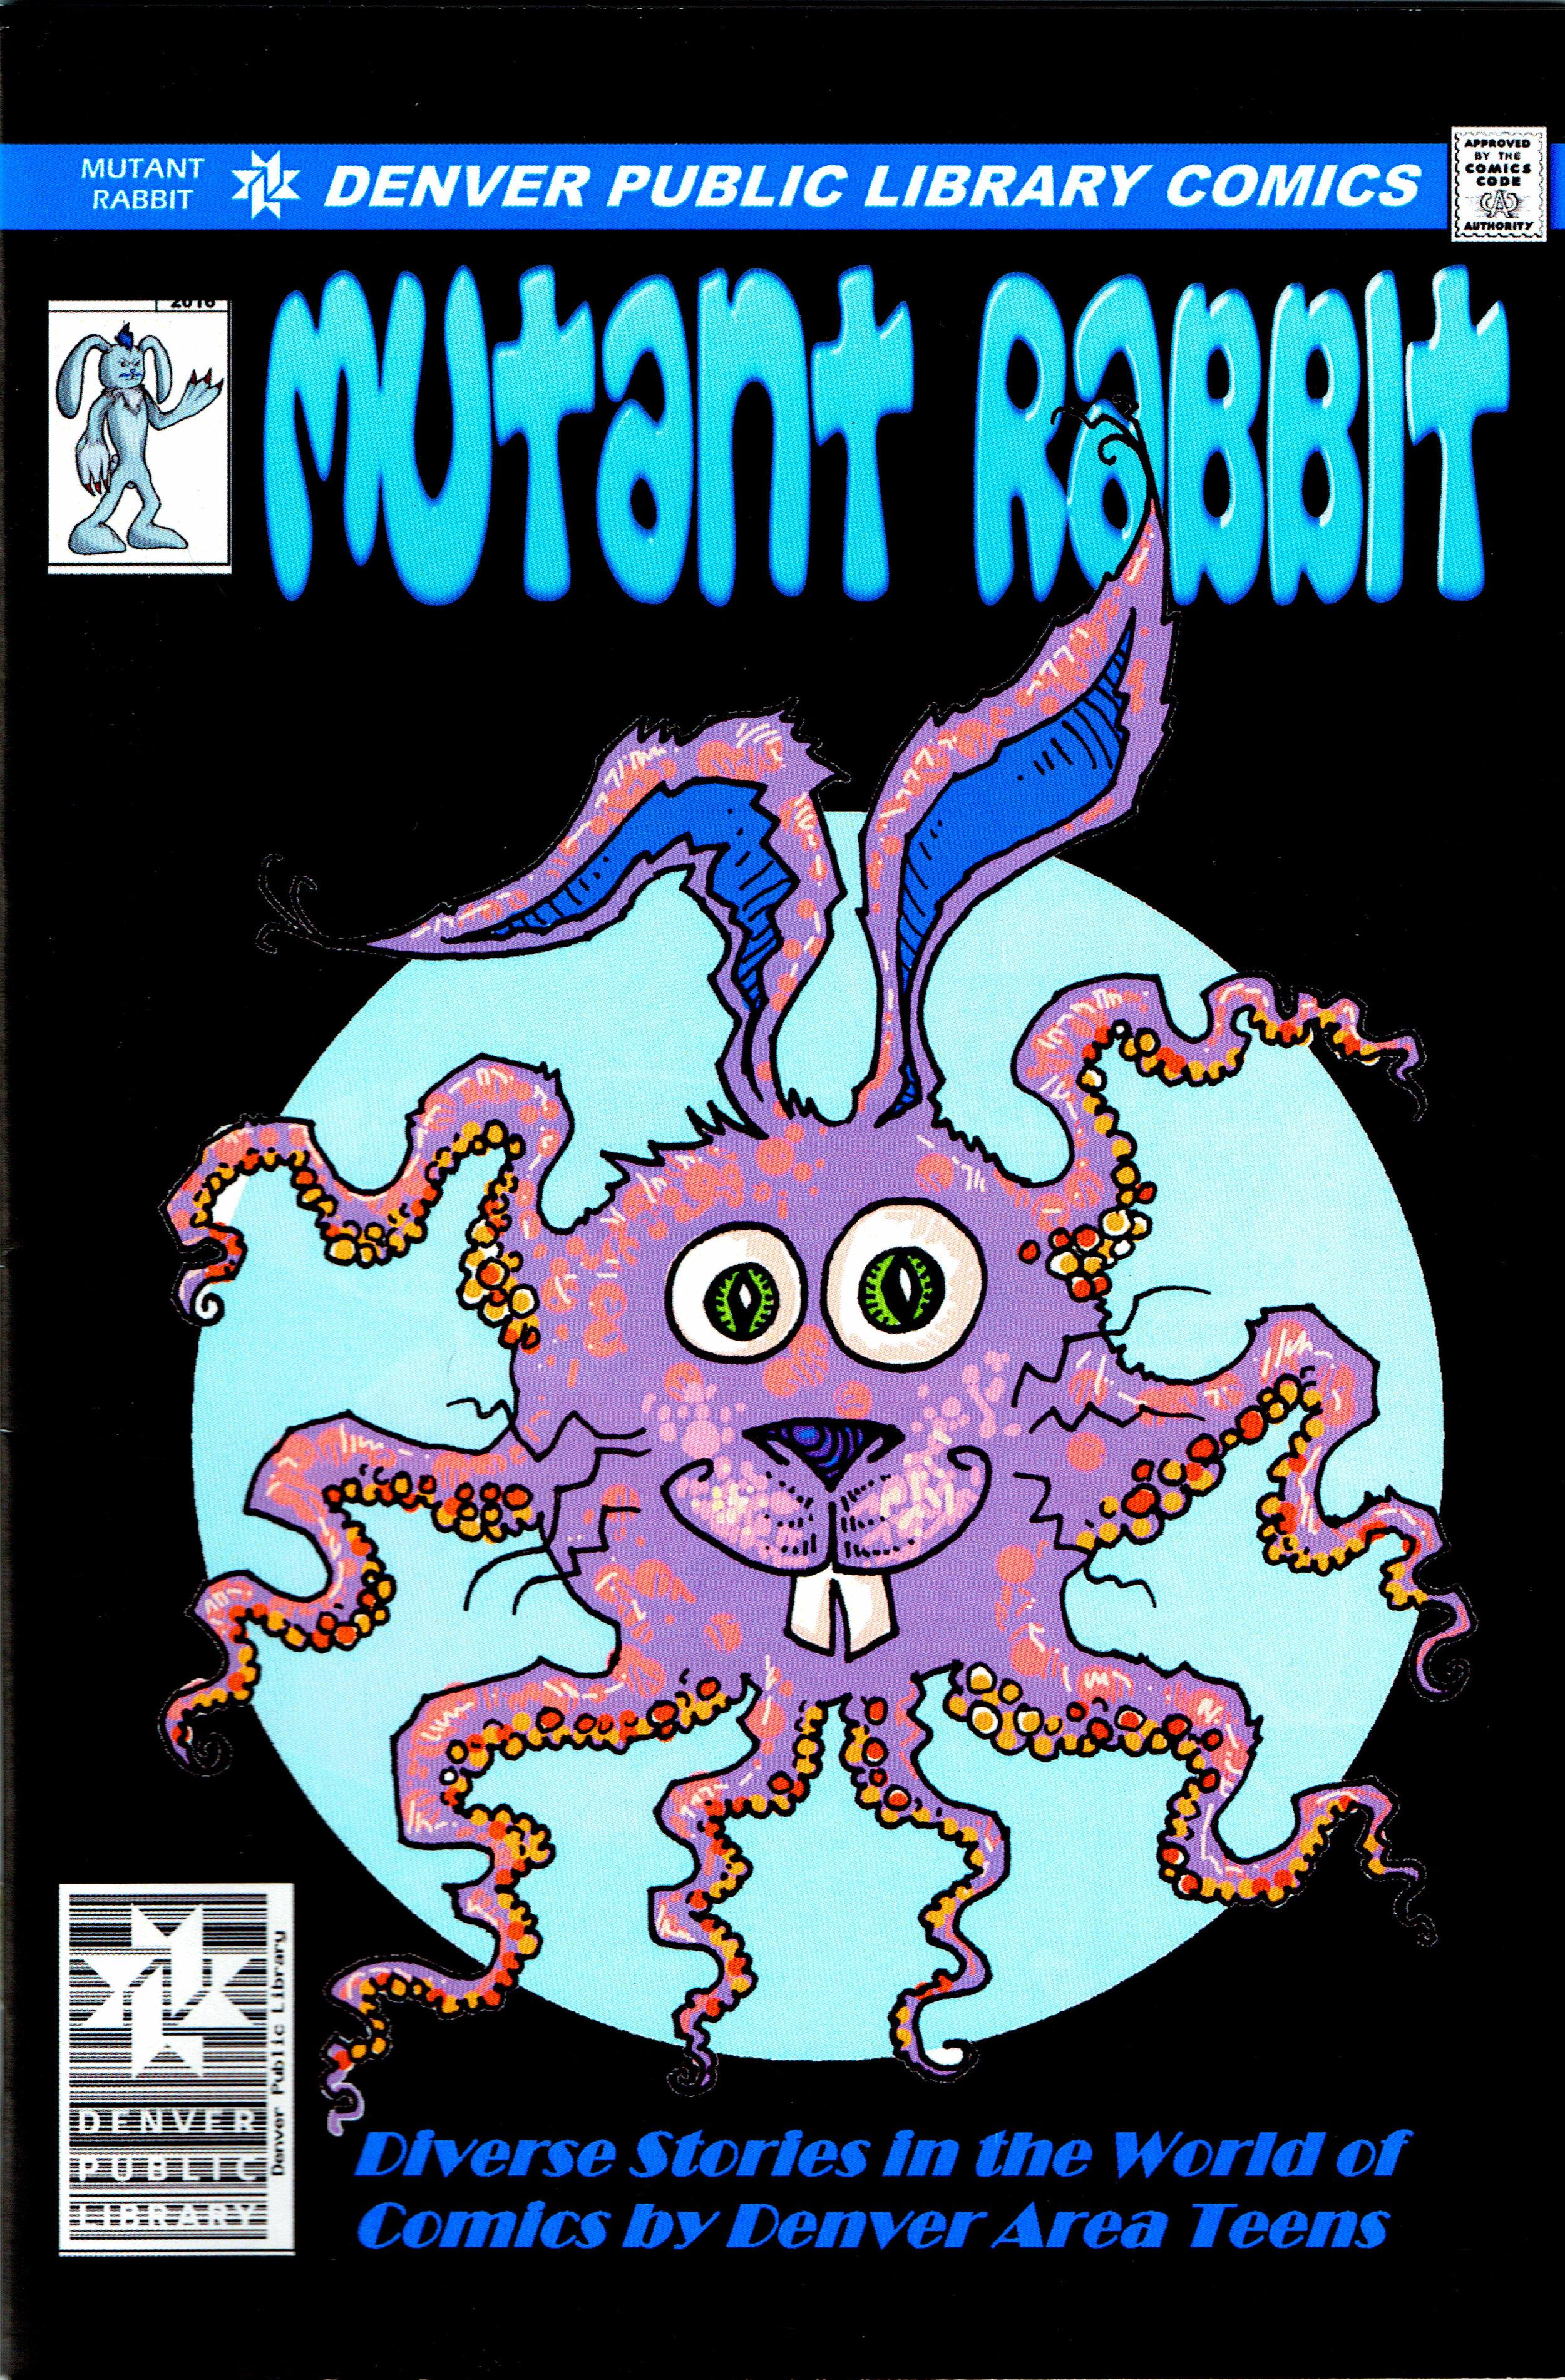 Mutant Rabbit 2016 Anthology